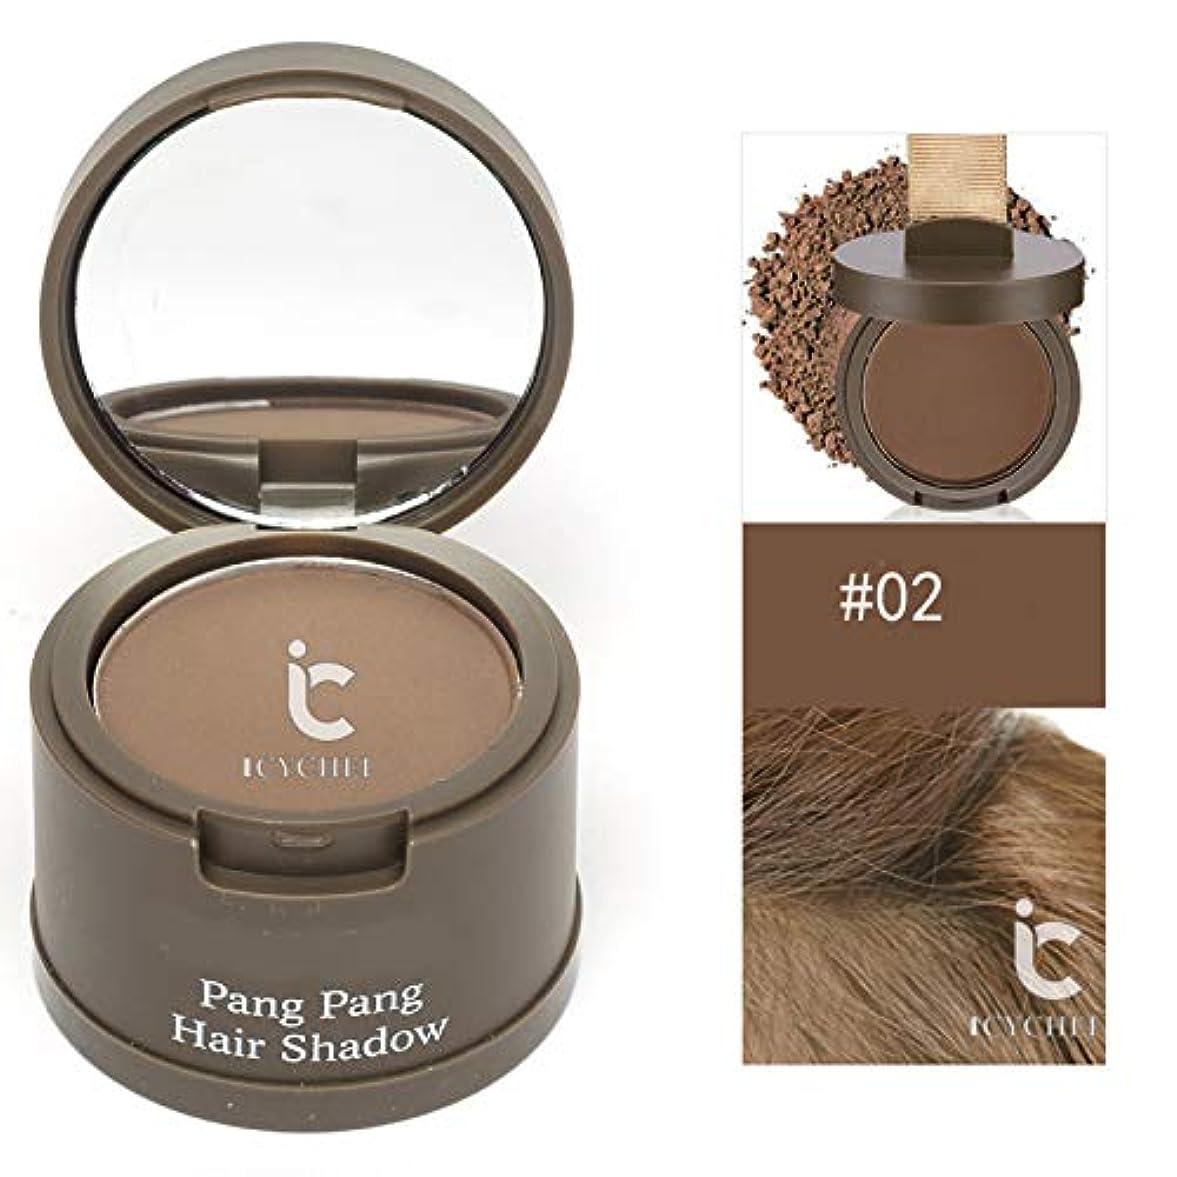 俳句今後スプレー髪のためのヘアラインシャドウパウダー髪のシェーダレタッチルーツと髪パーフェクトカバレッジをラスティングICYCHEER防水ロング (02)